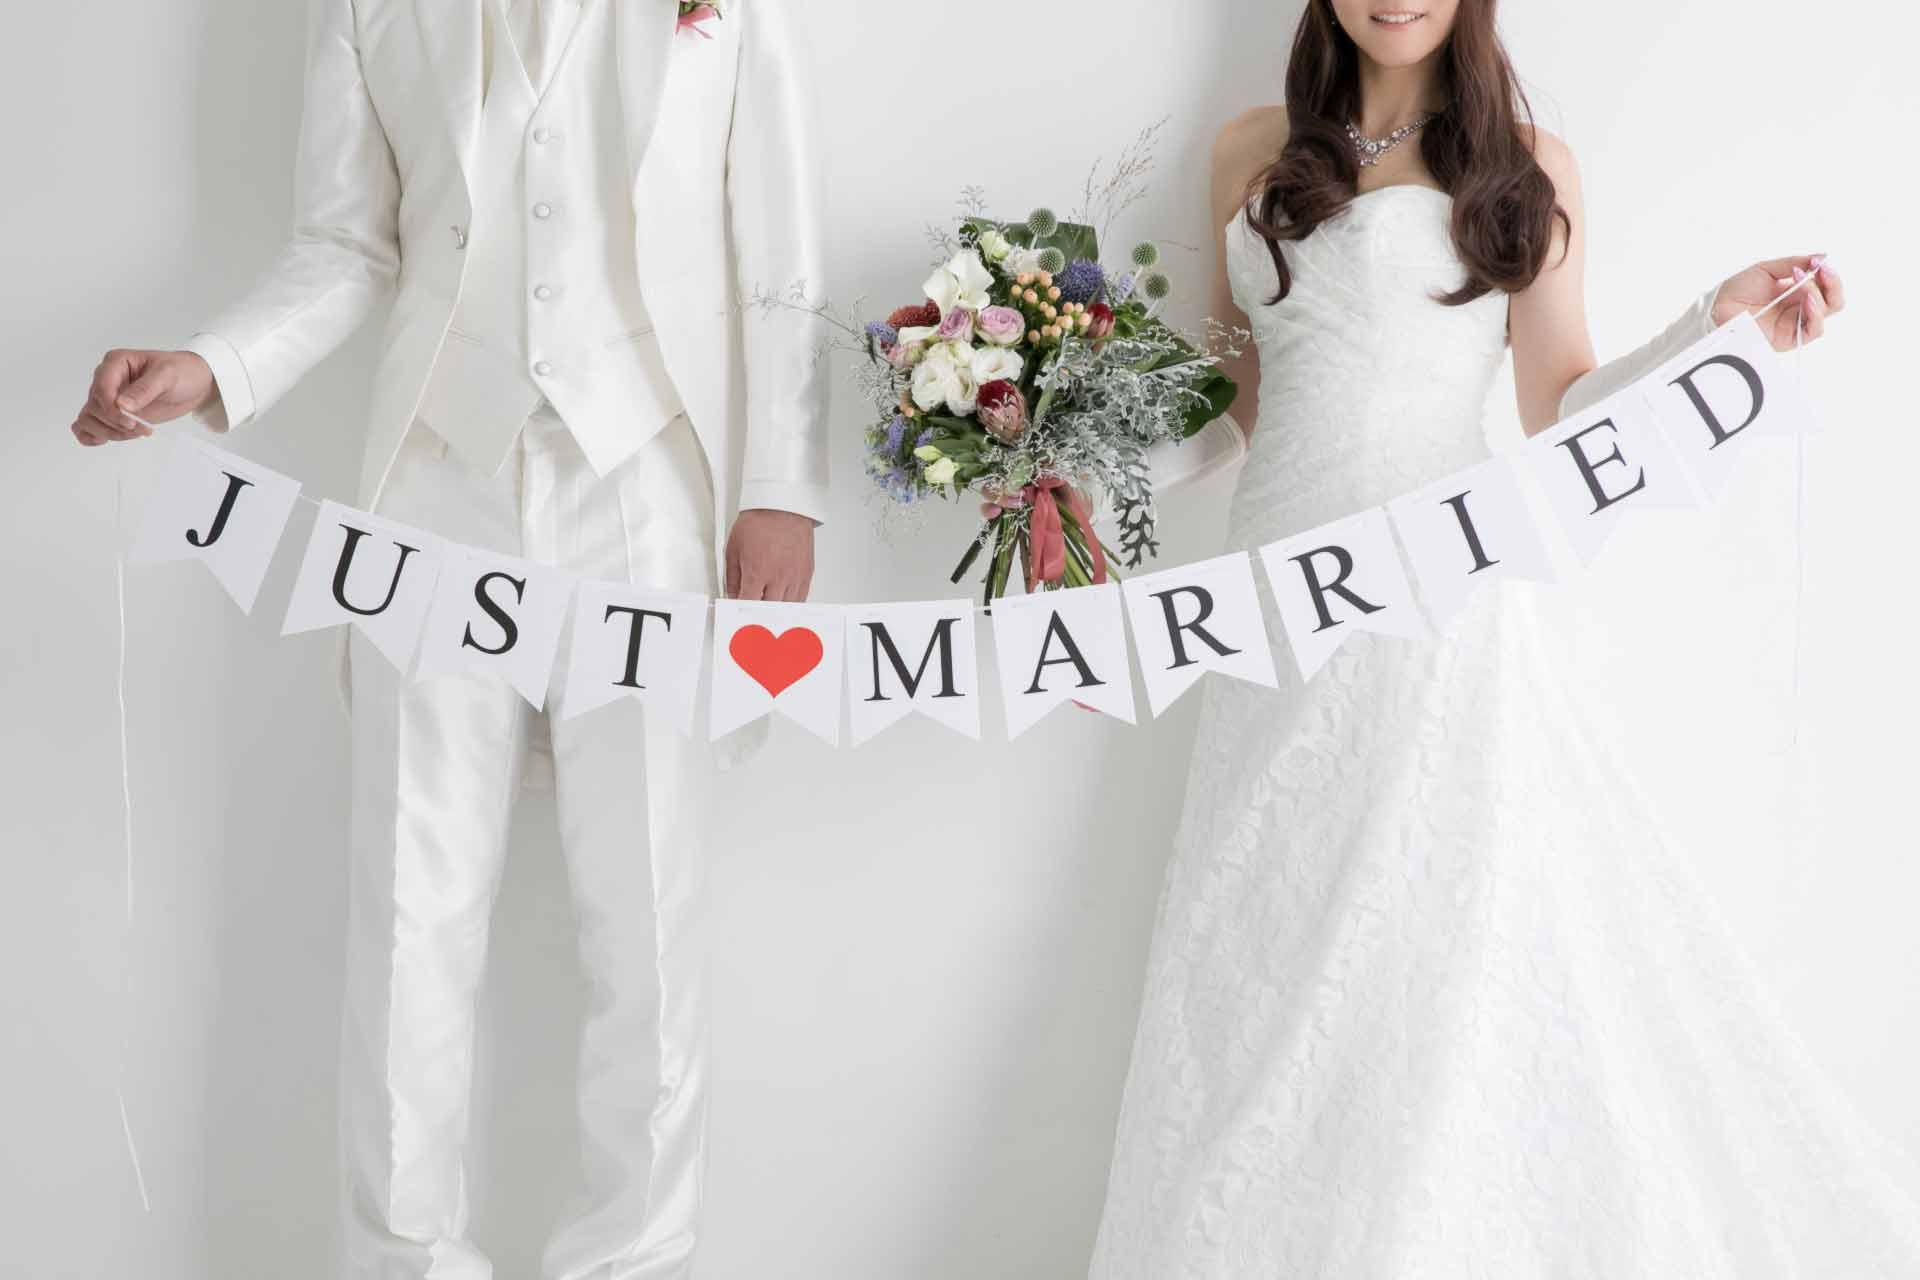 「JUST MARRIED」のオーナメントを持つ正装した男女のカップル